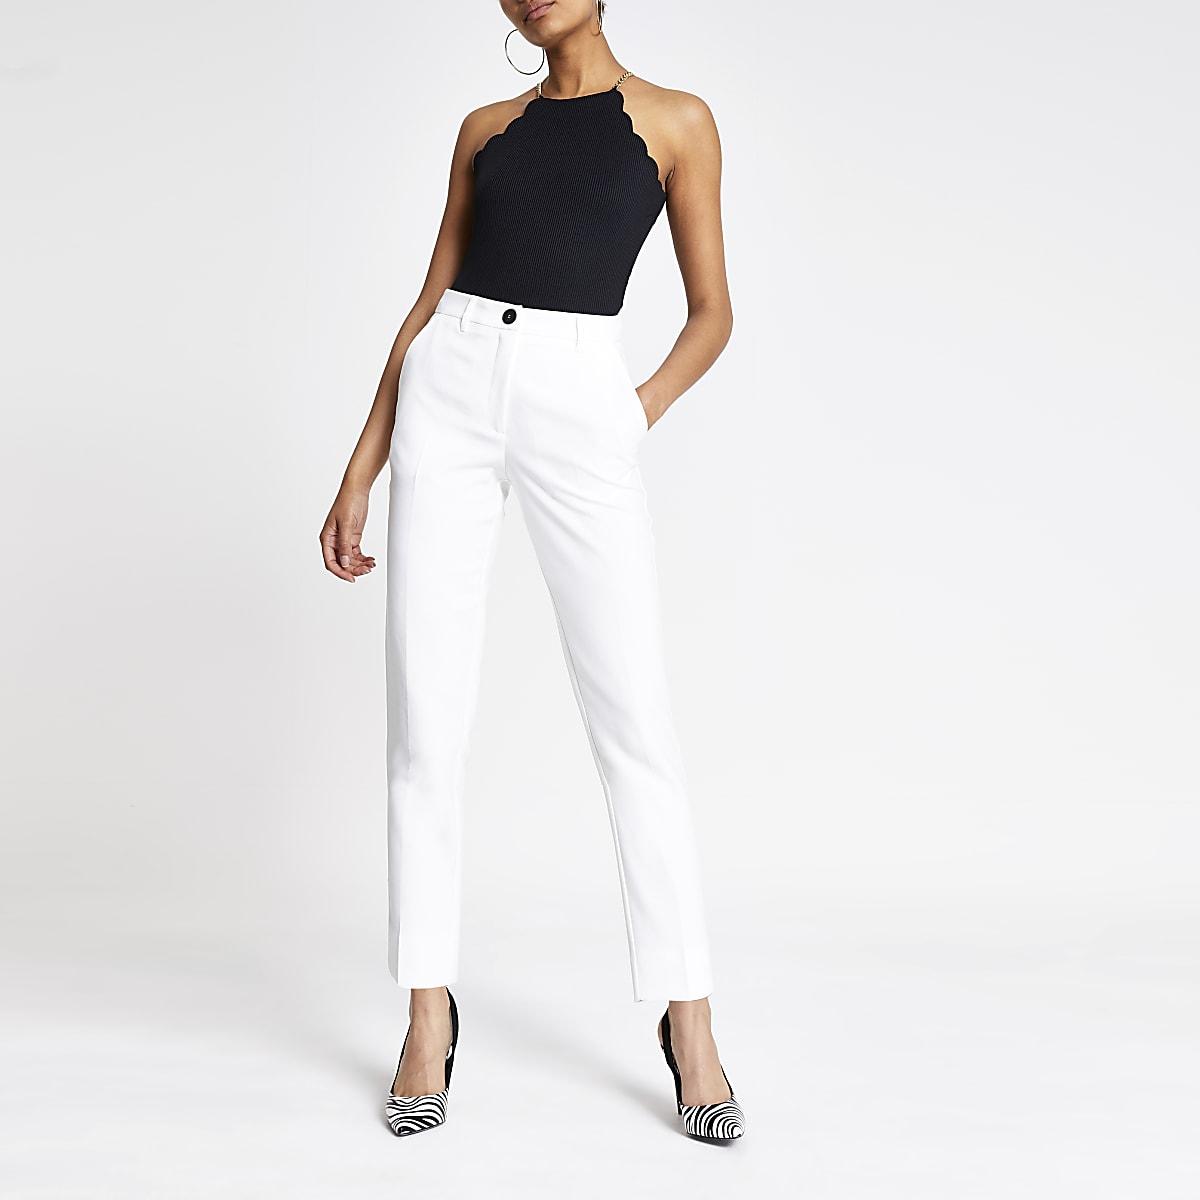 White cigarette trousers